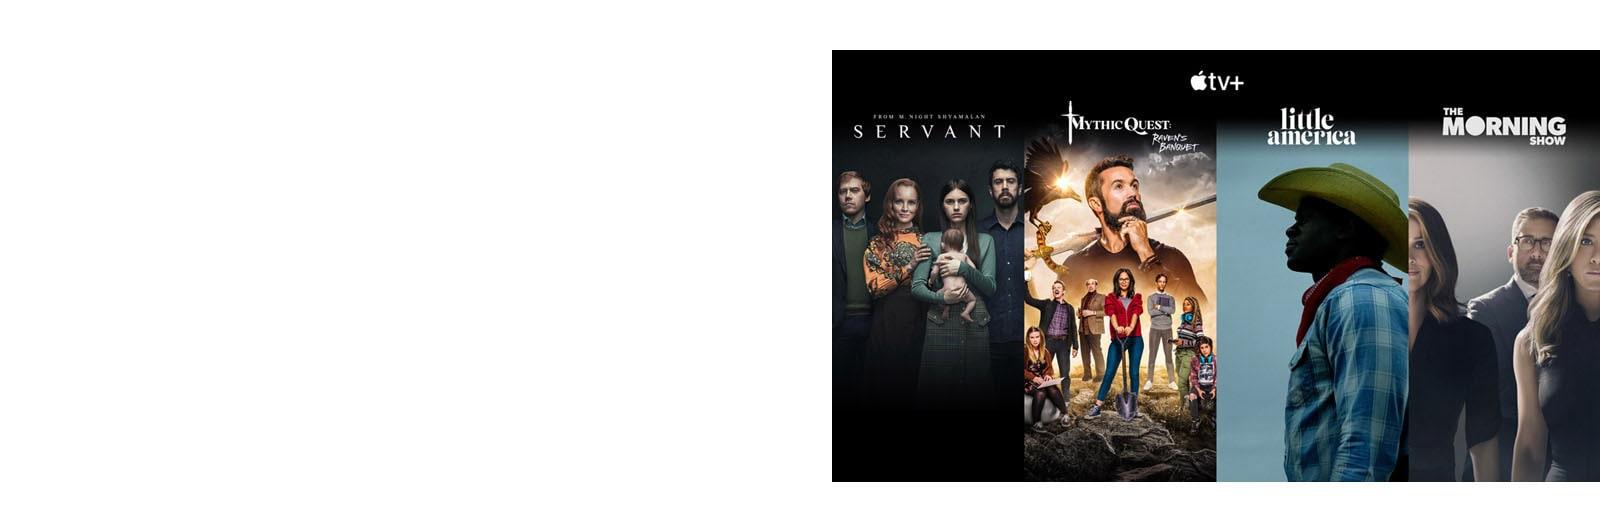 Miniaturas de los 4 títulos principales de Apple TV+